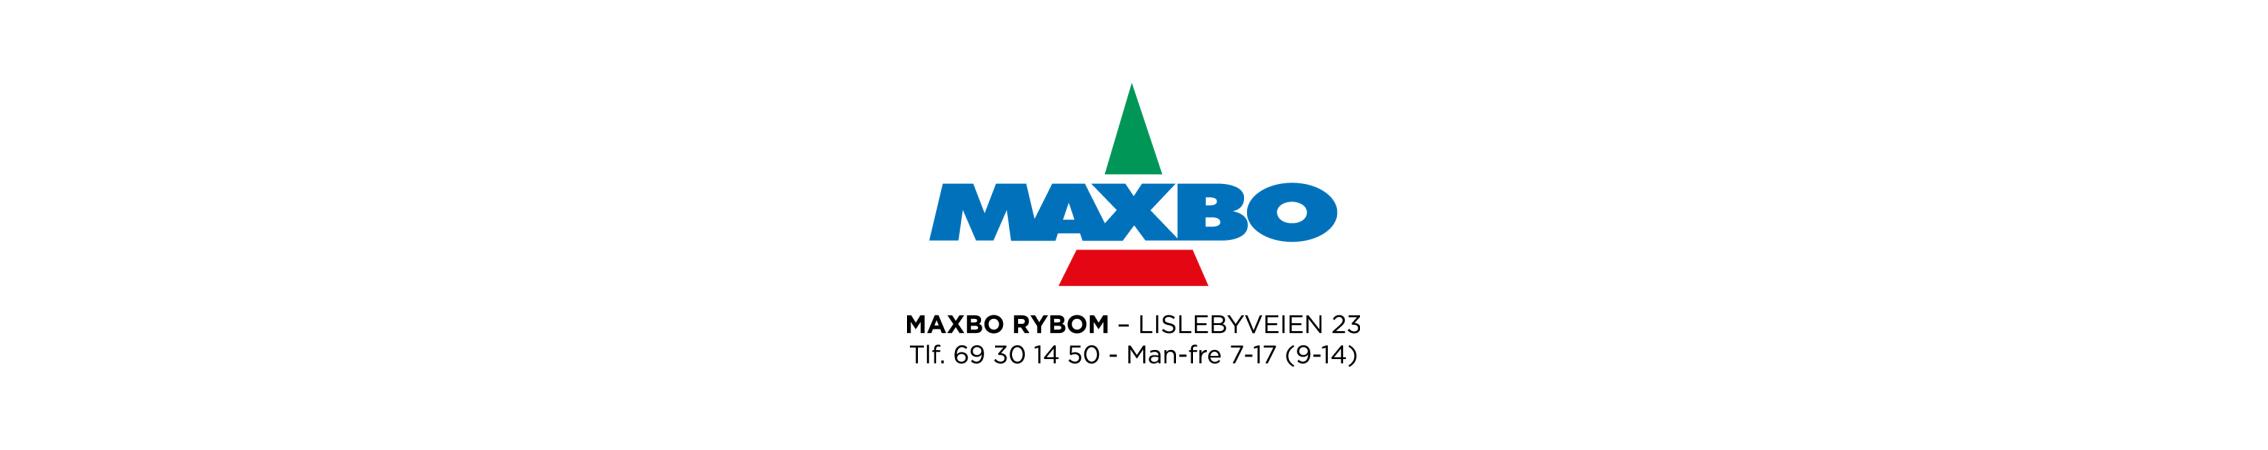 MAXBO-kopi